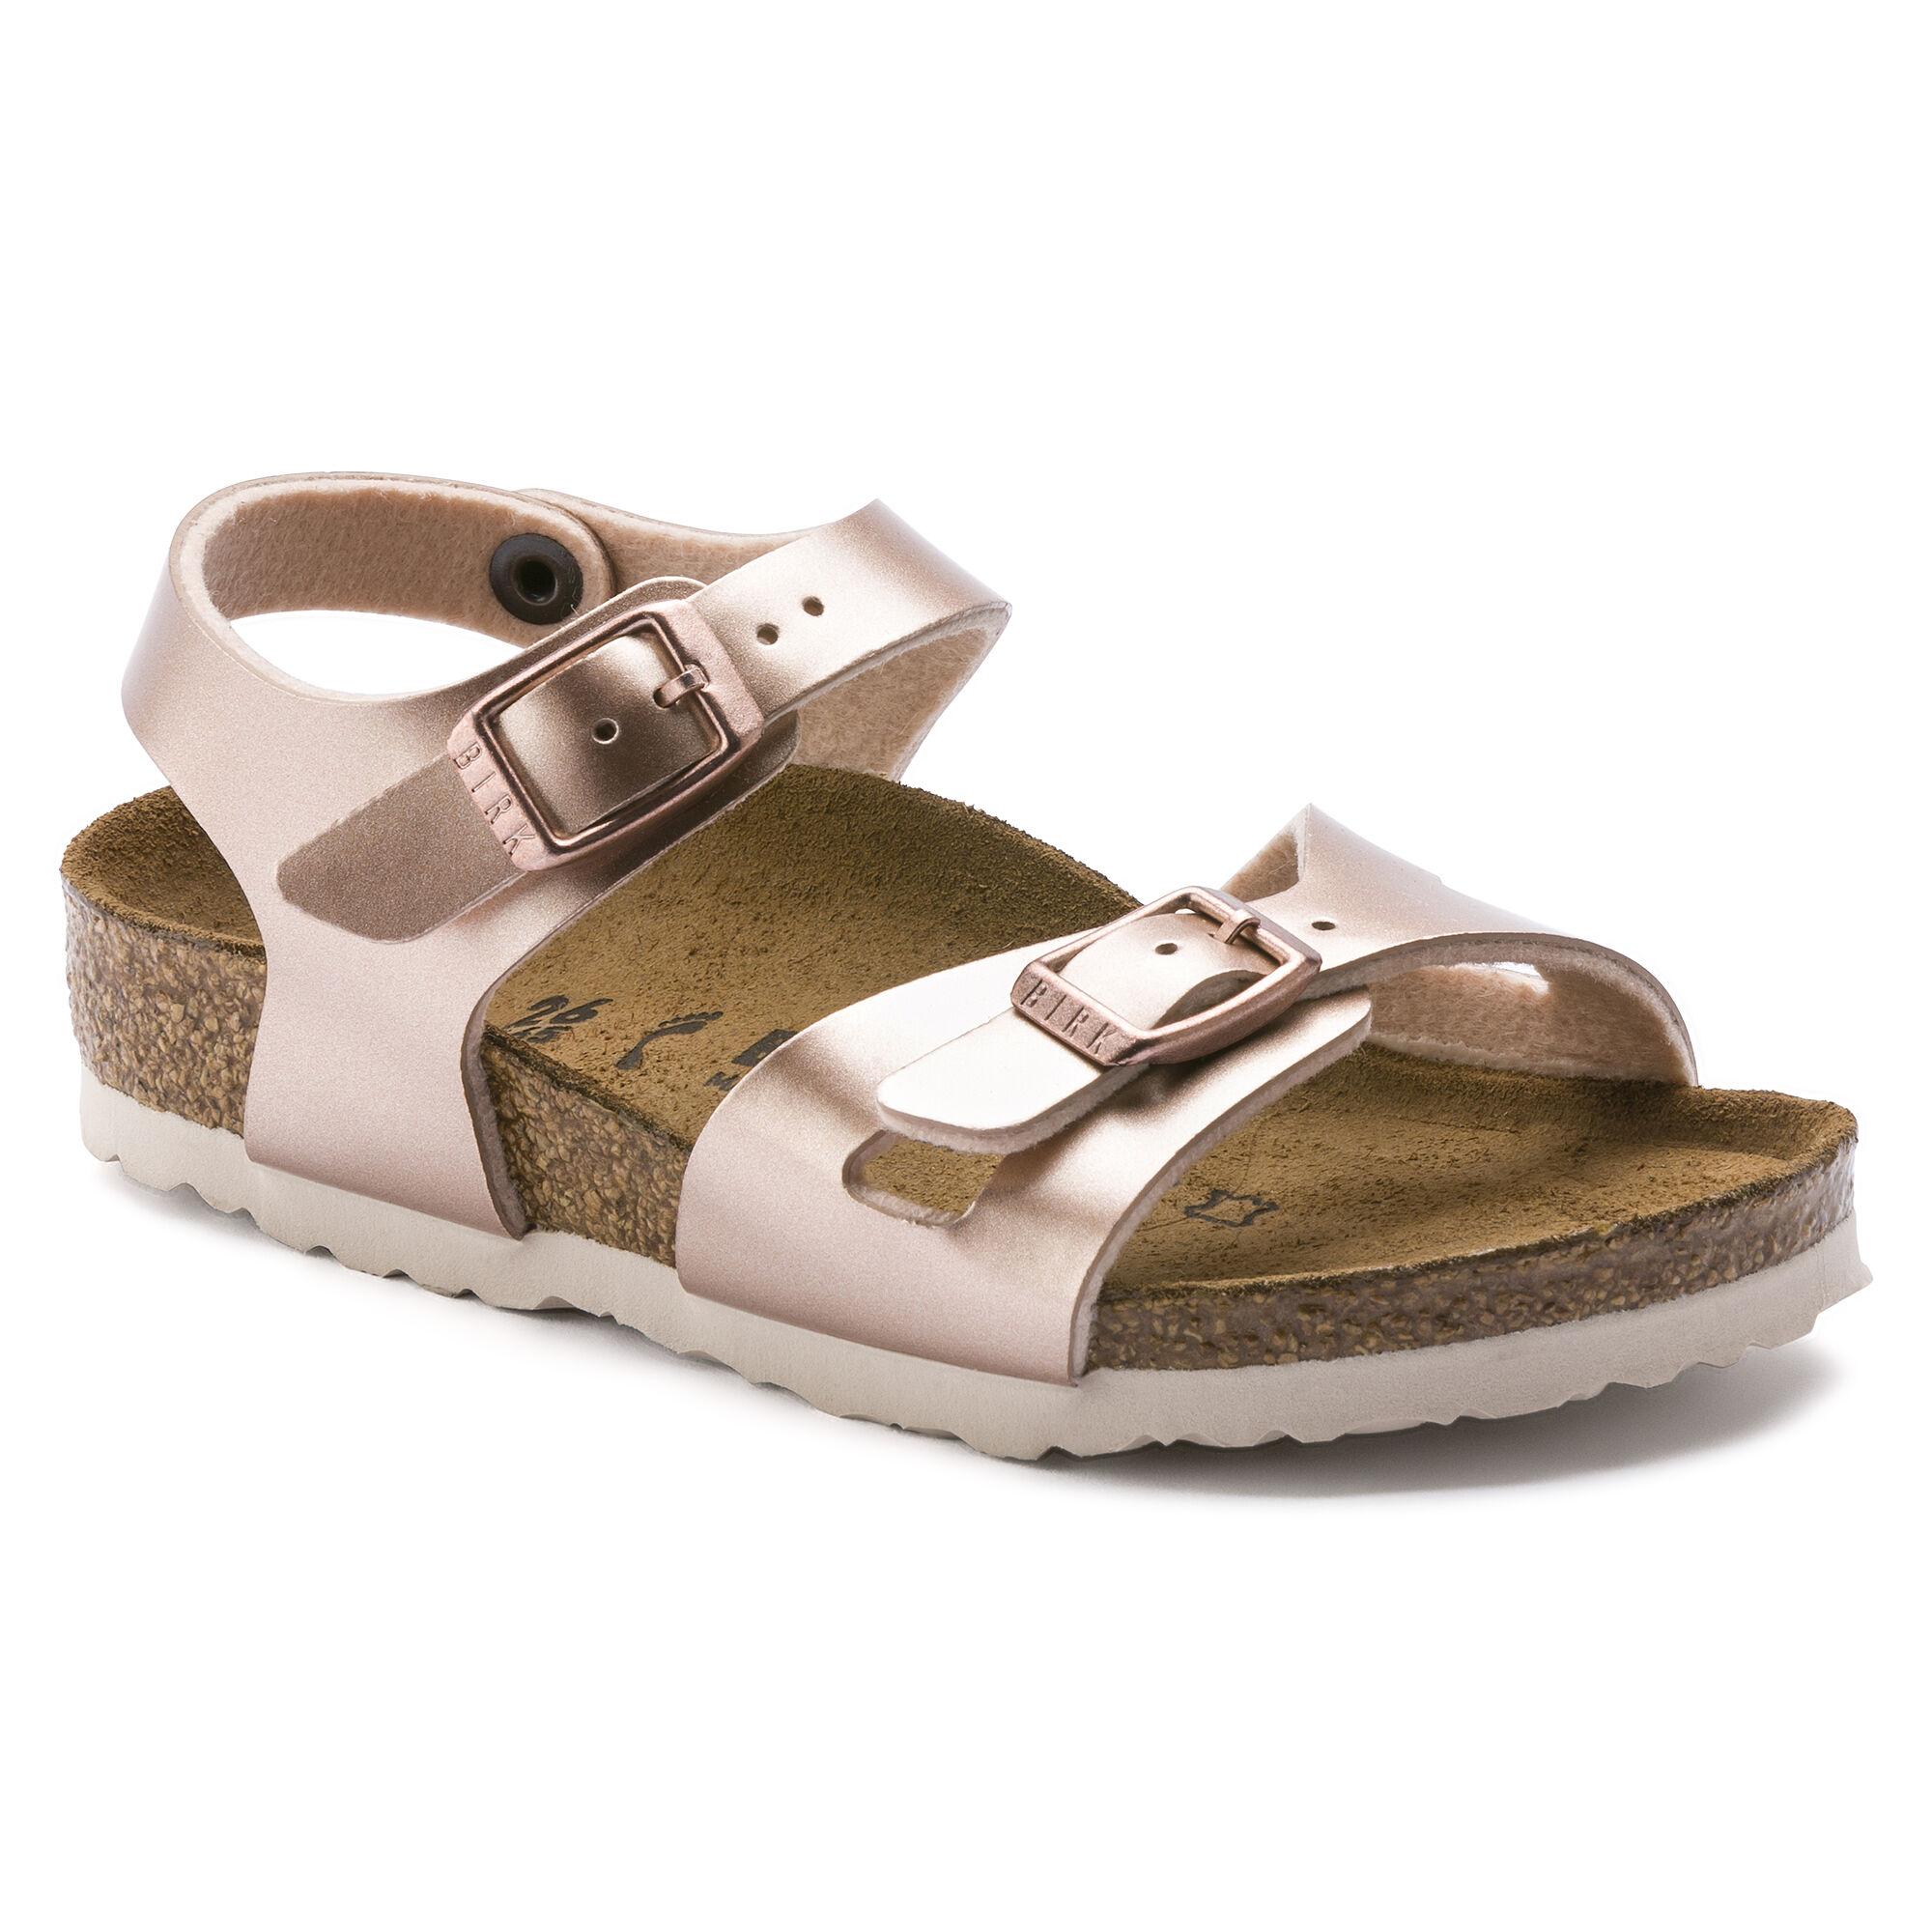 Mädchen Sandalen   online kaufen bei BIRKENSTOCK